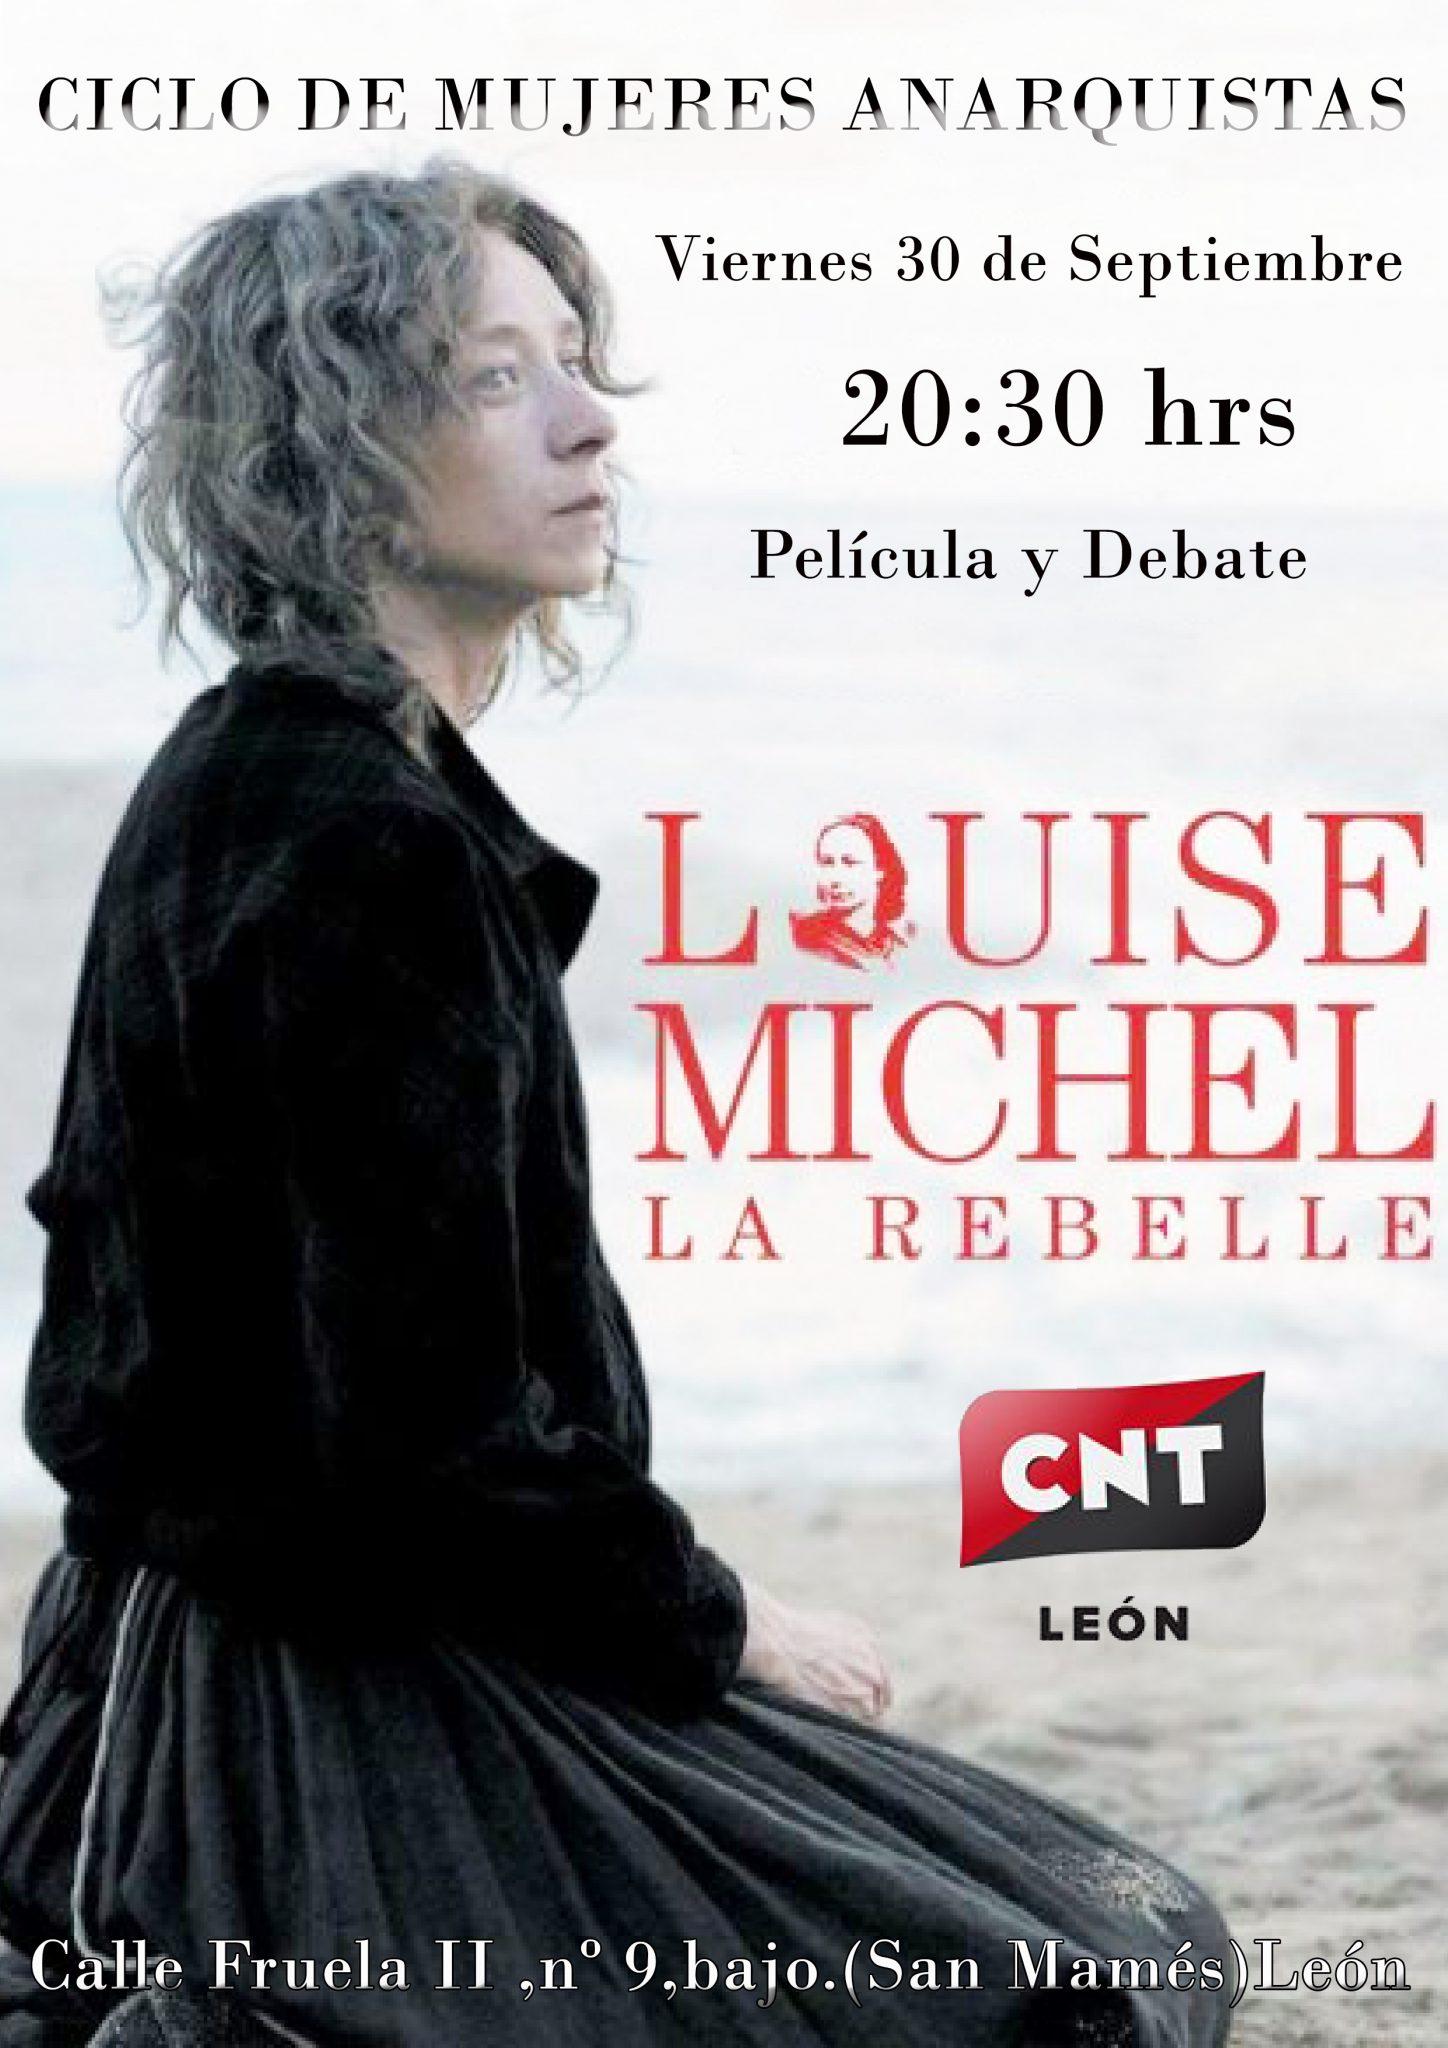 CICLO DE MUJERES ANARQUISTAS – Louise Michel (30 de Septiembre)